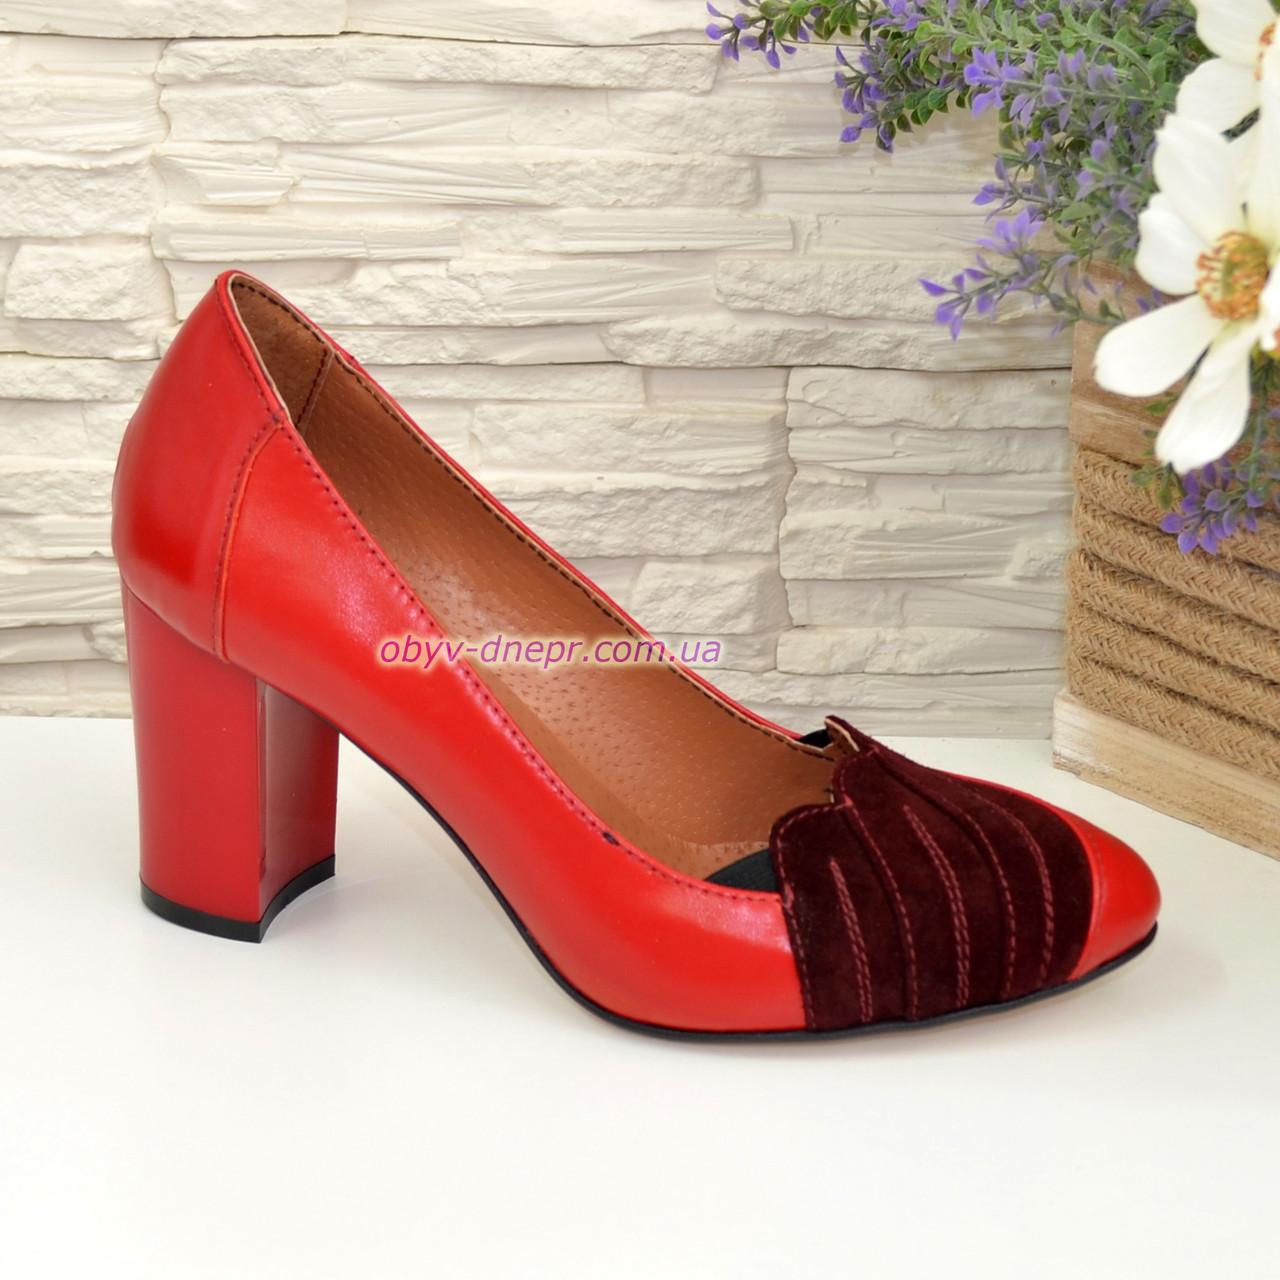 Туфлі жіночі на підборах, колір червоний/бордо